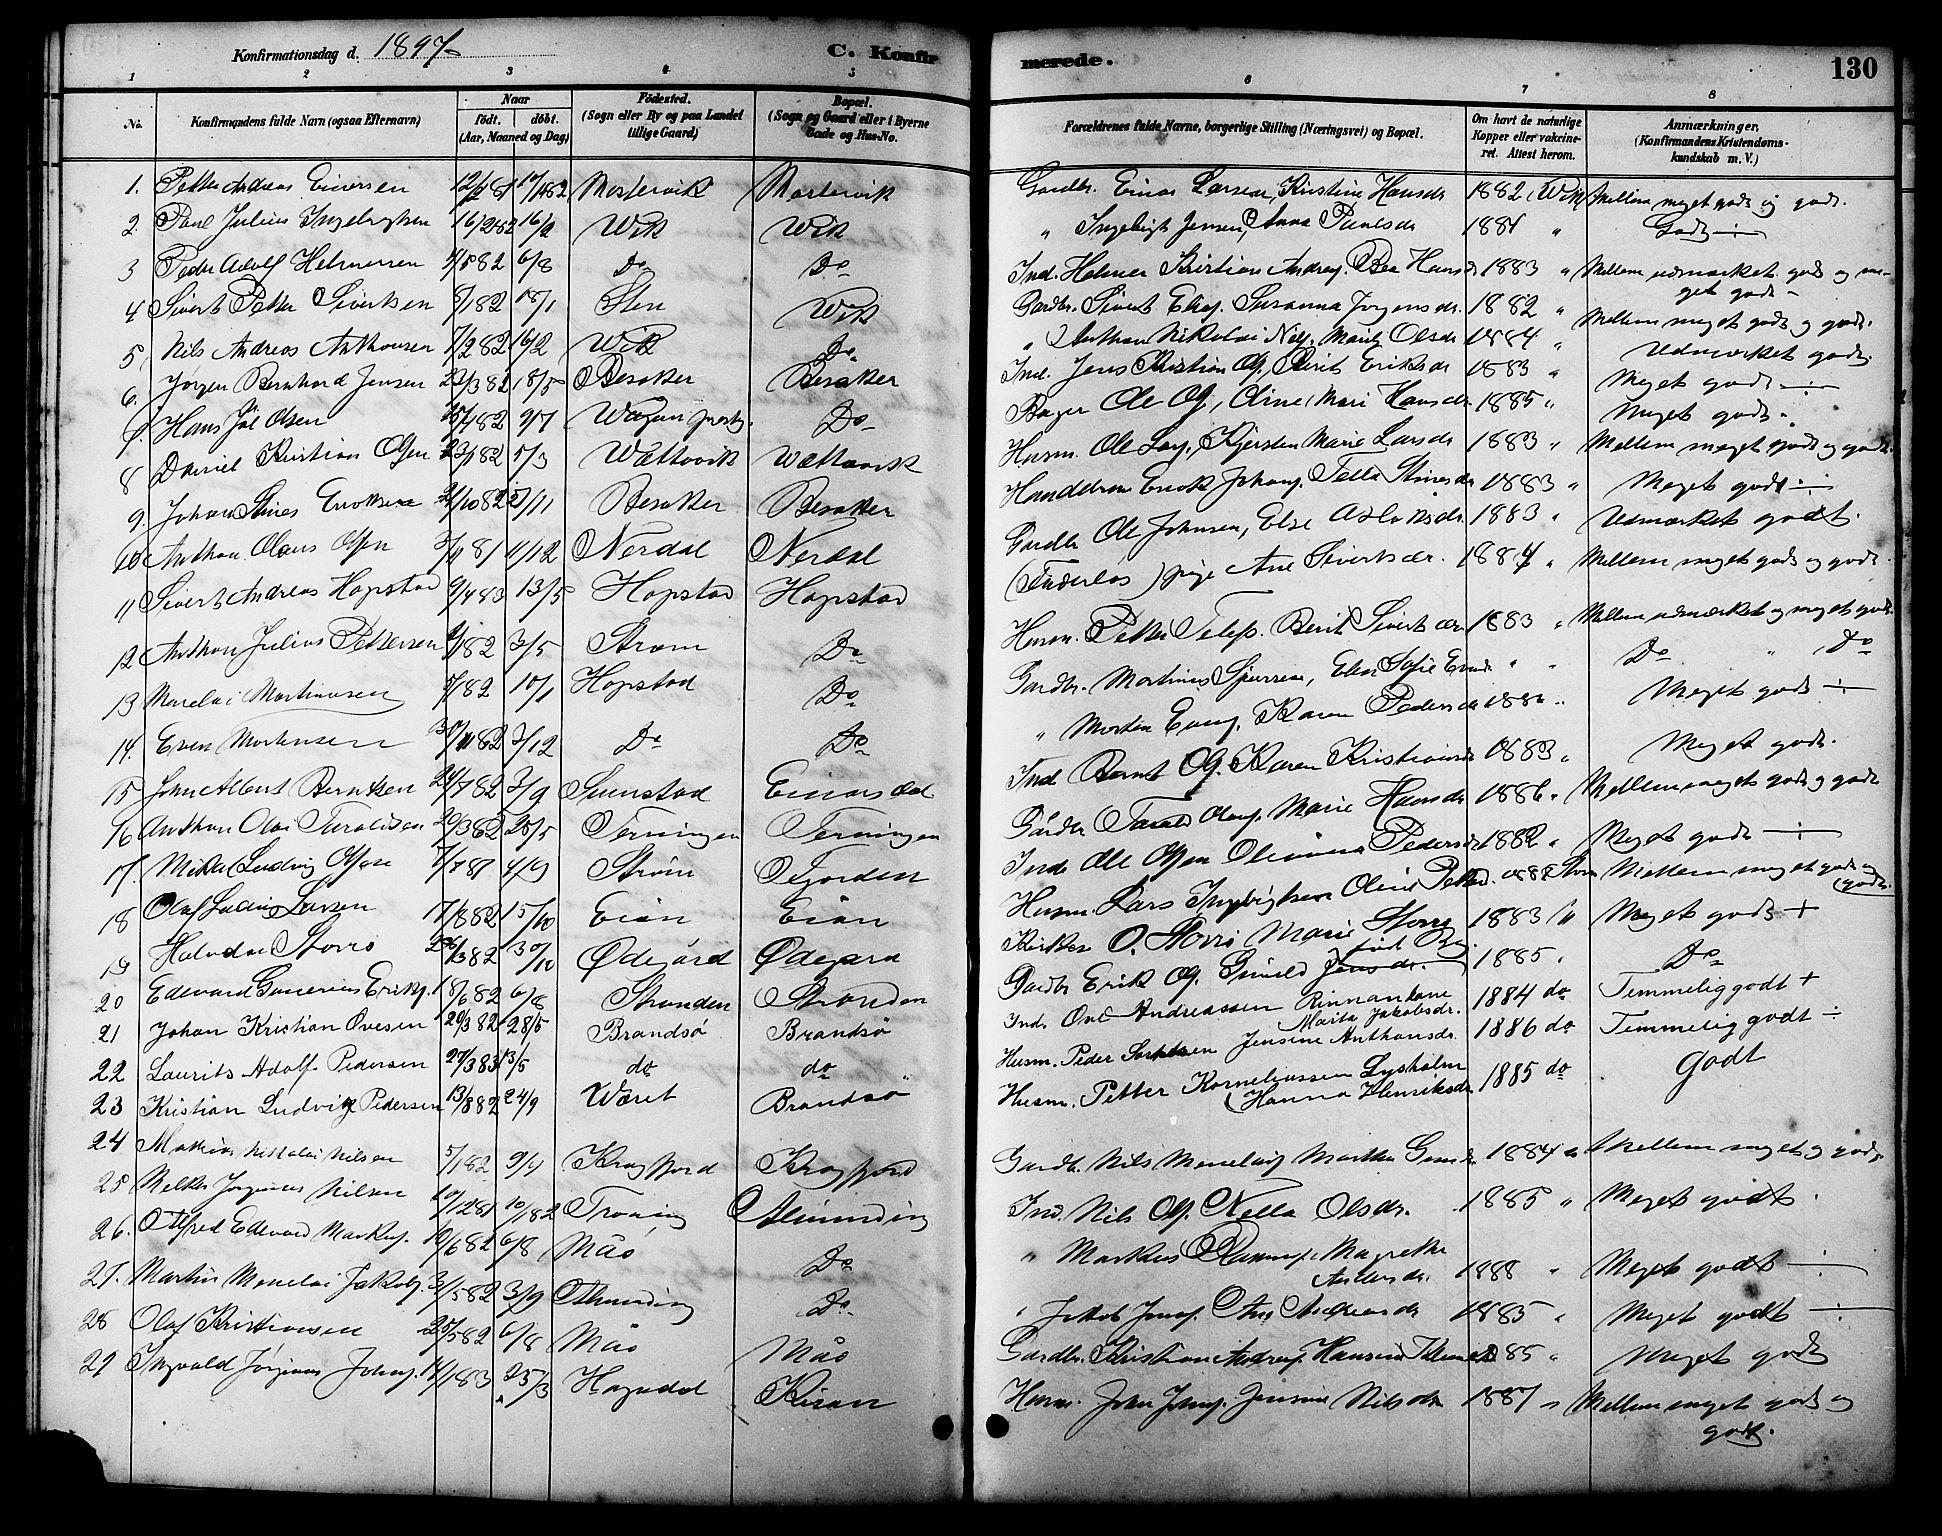 SAT, Ministerialprotokoller, klokkerbøker og fødselsregistre - Sør-Trøndelag, 657/L0716: Klokkerbok nr. 657C03, 1889-1904, s. 130